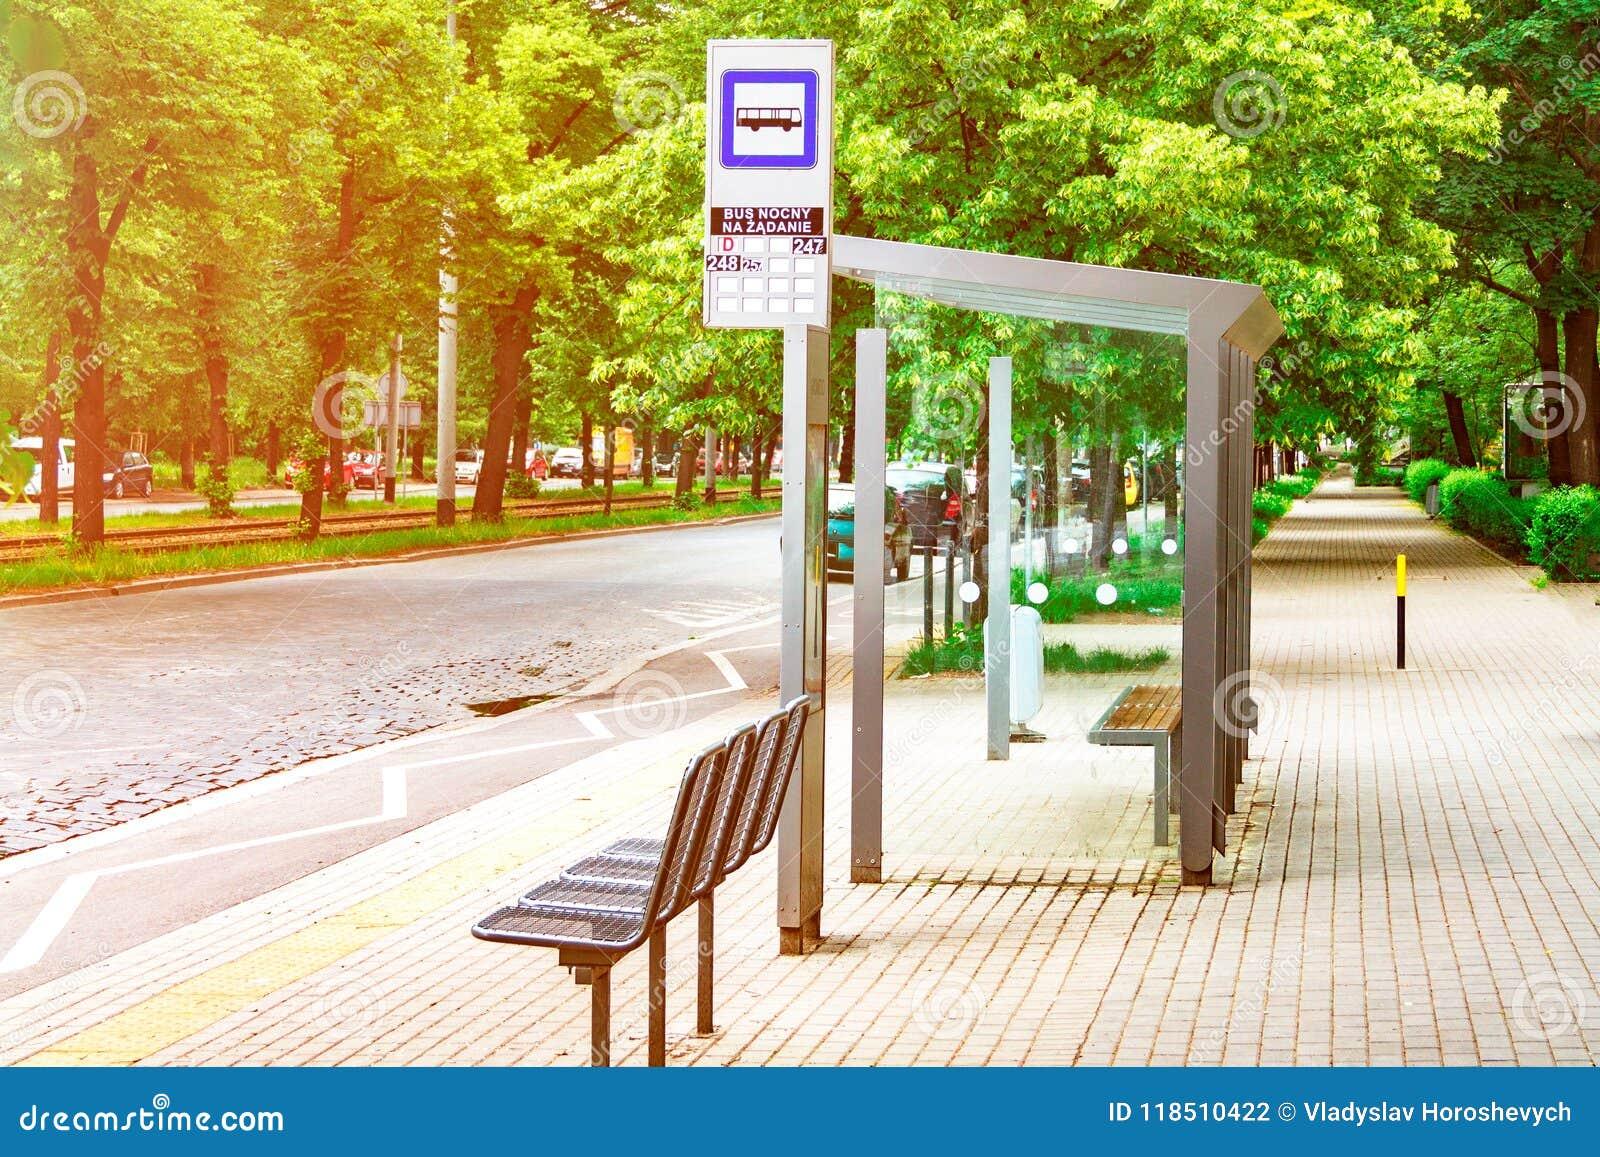 Een lege bushalte in het centrum van de stad wordt aangestoken door de zon, een einde tegen de achtergrond van groene bomen